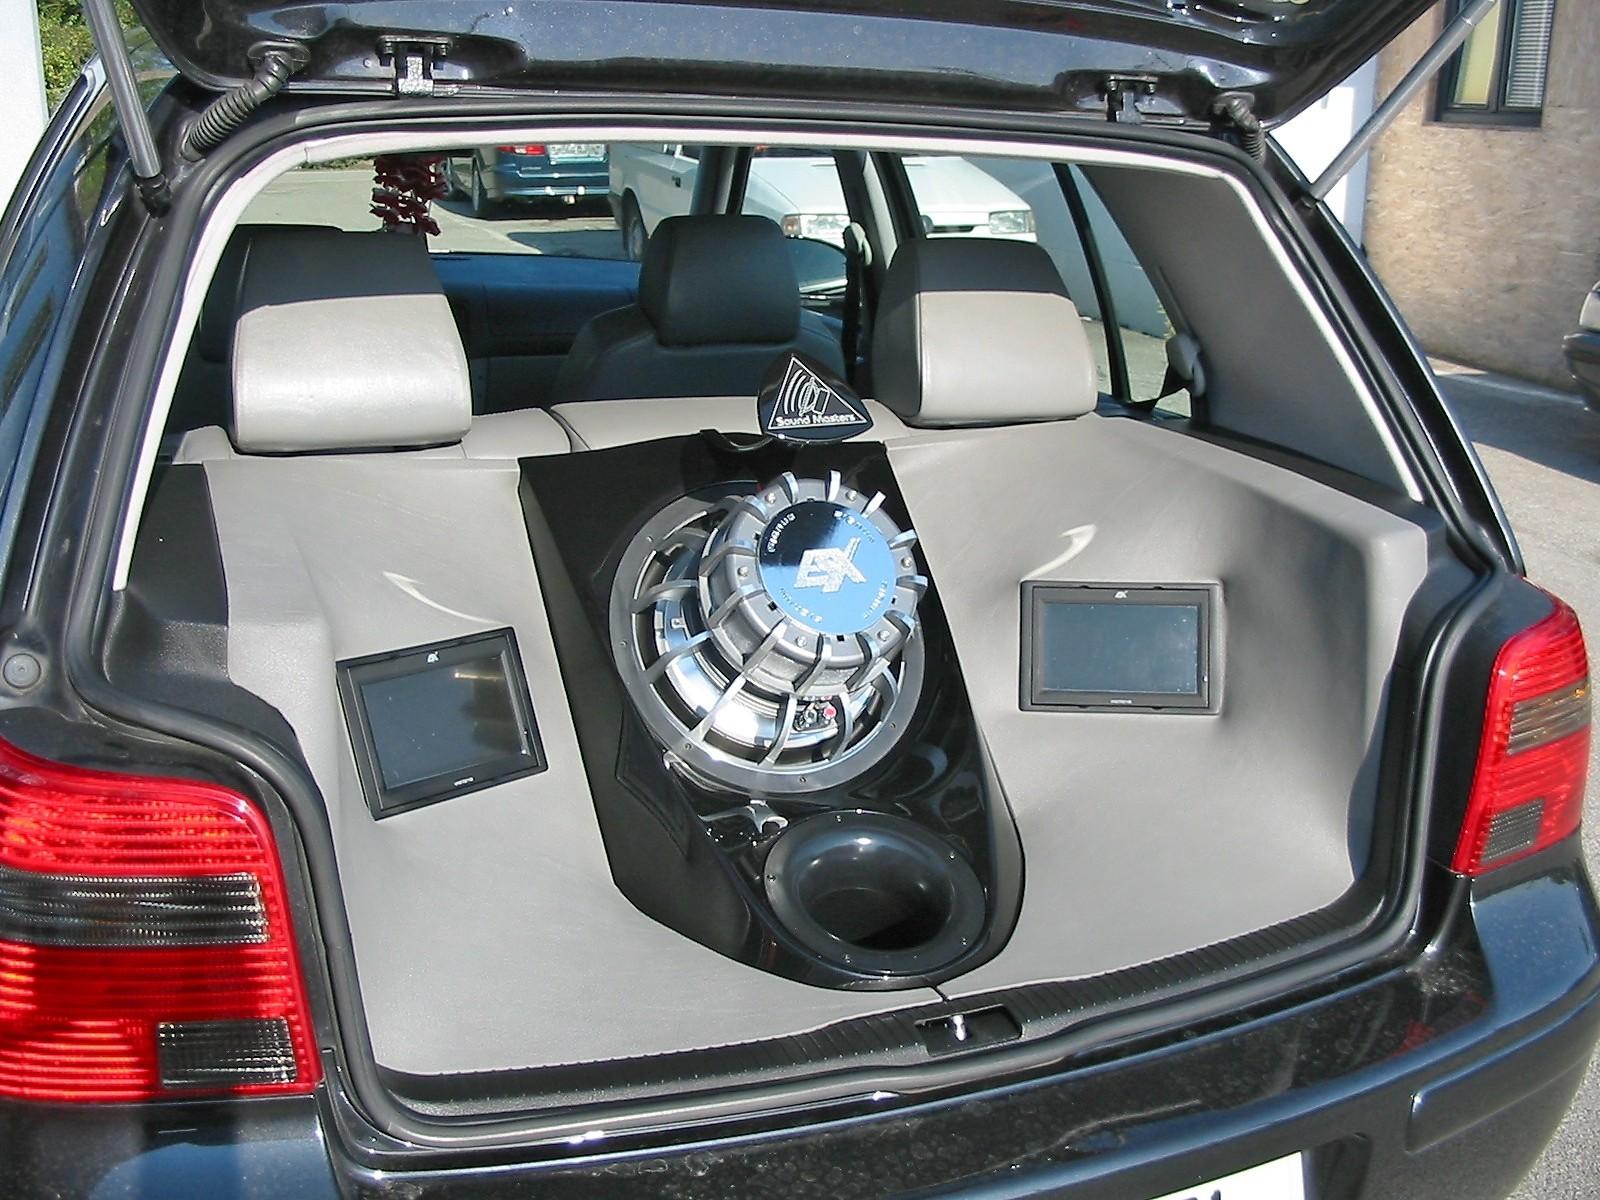 VW Golf 4 - Kofferraumverbau